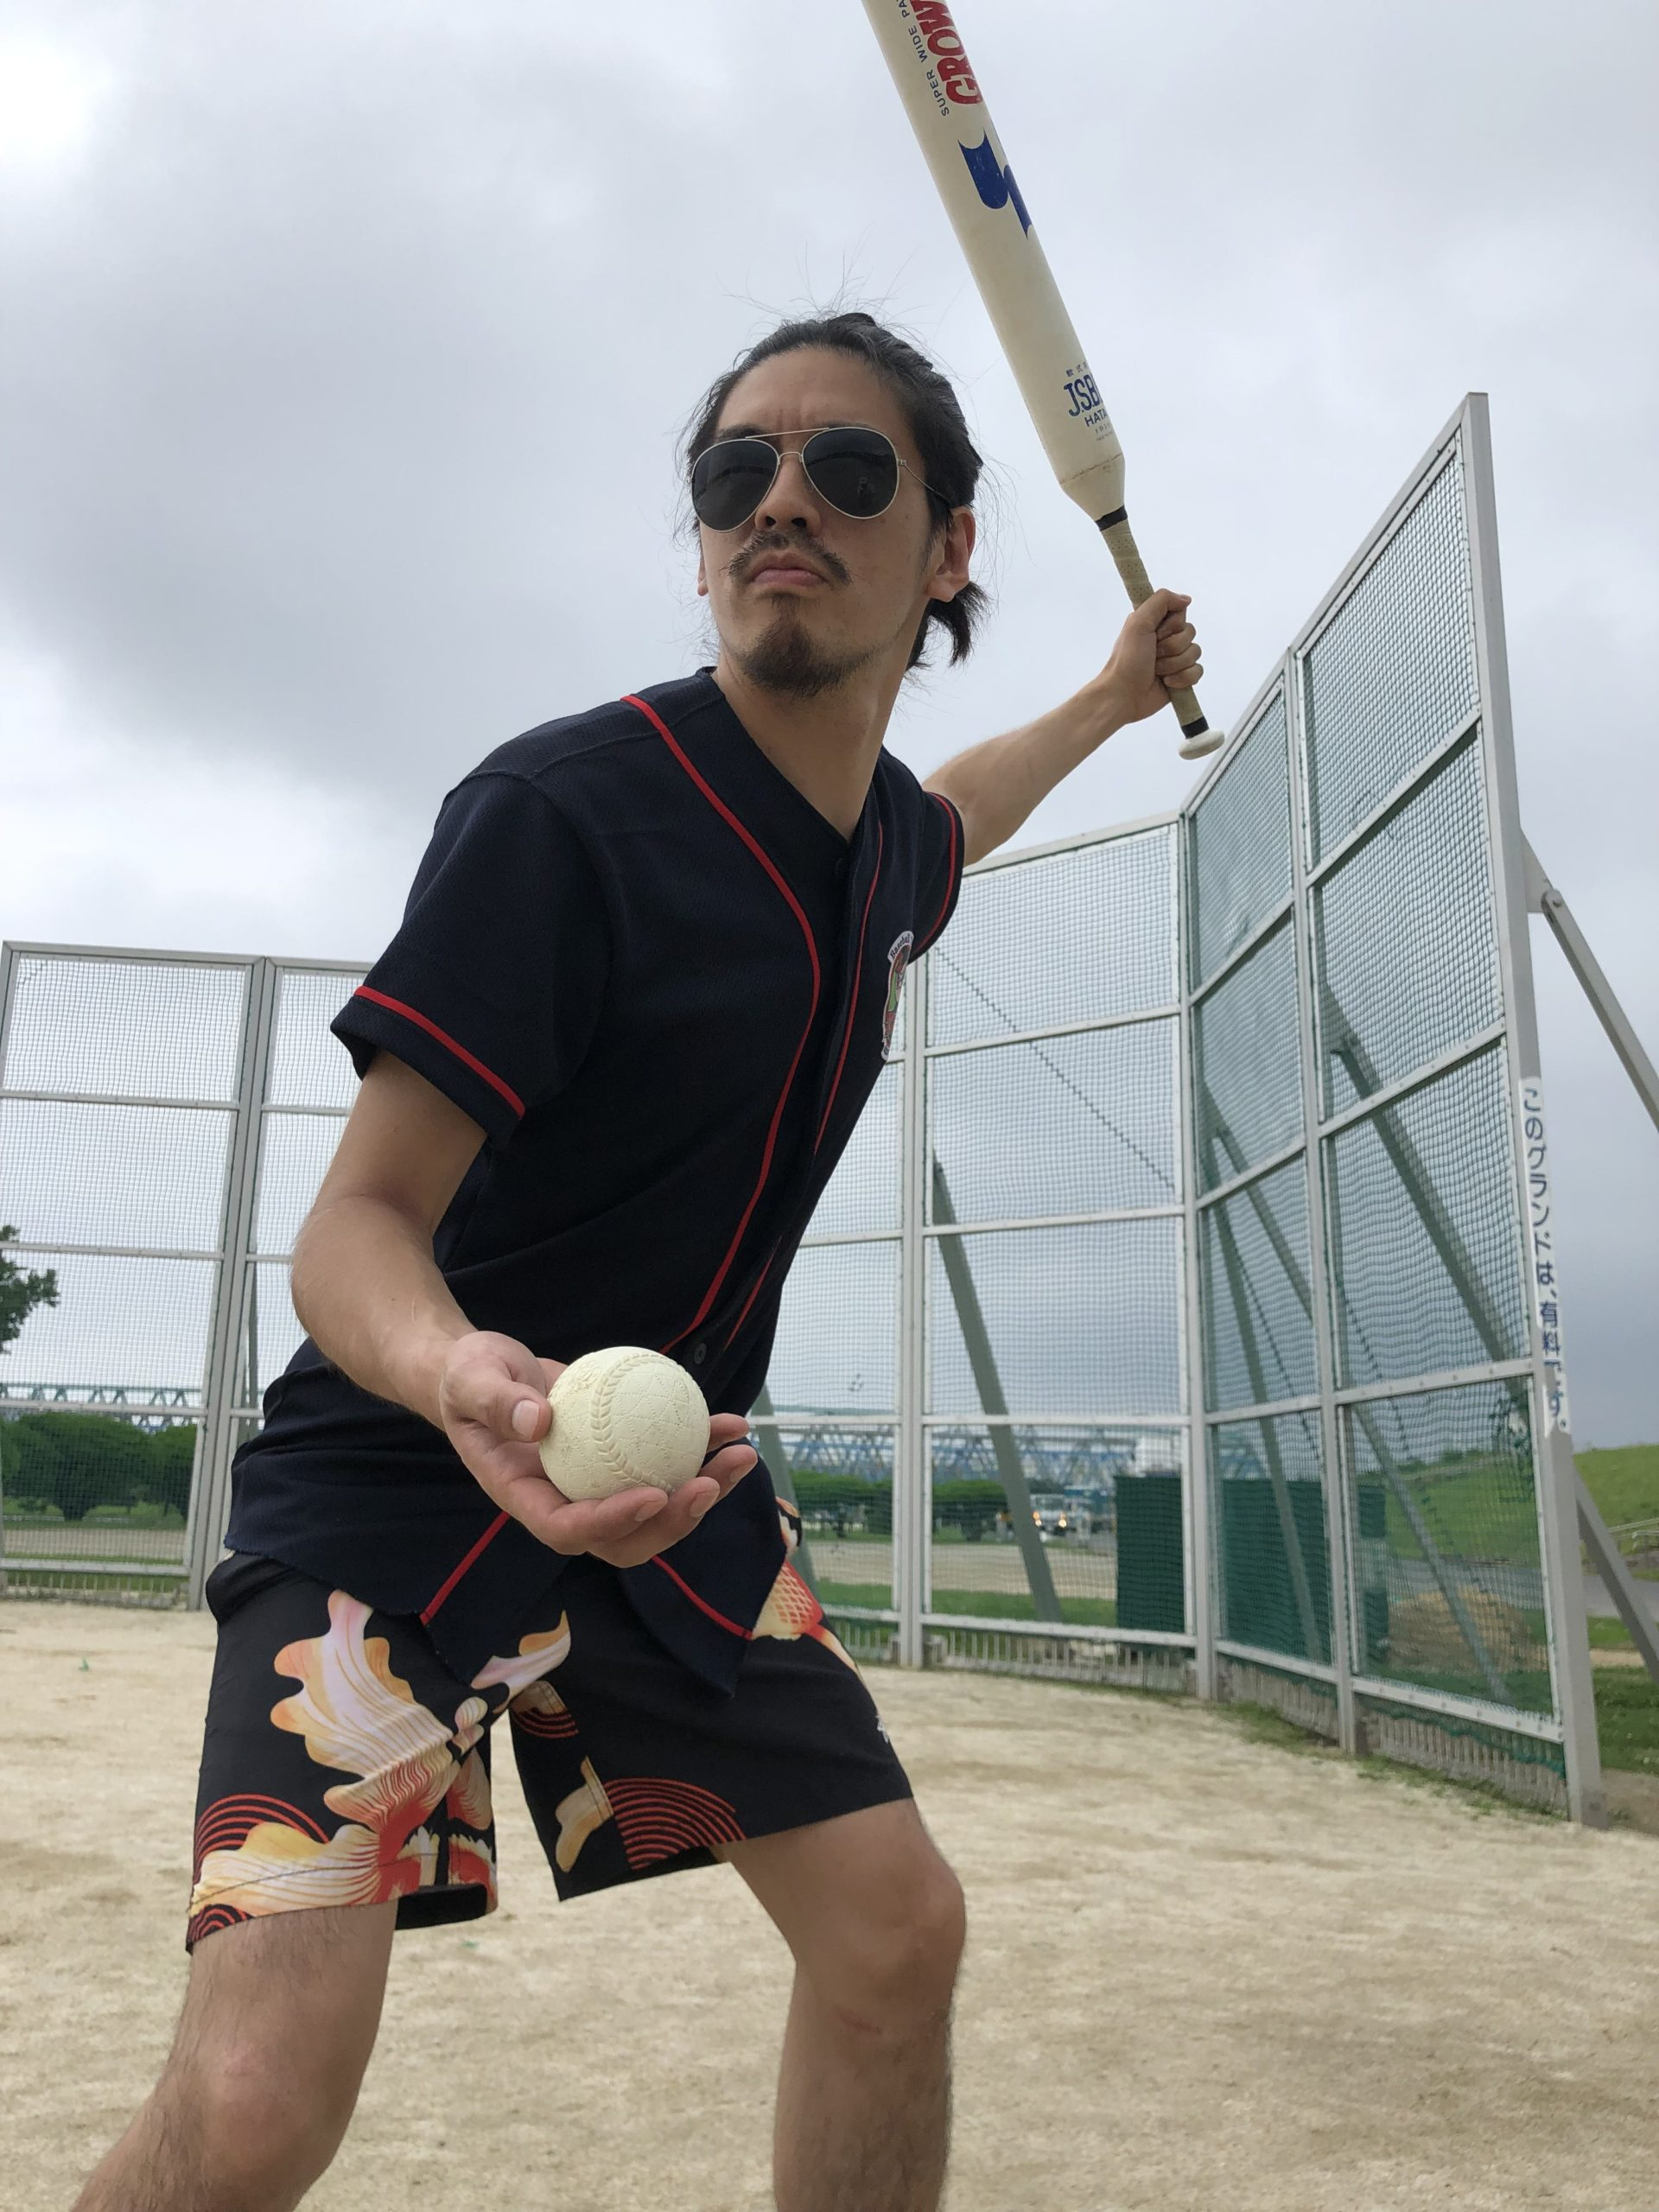 【フリーランス必見?】一生に一度くらい、ドラフト指名されてみたいんや!……北海道で。by LIGブログ